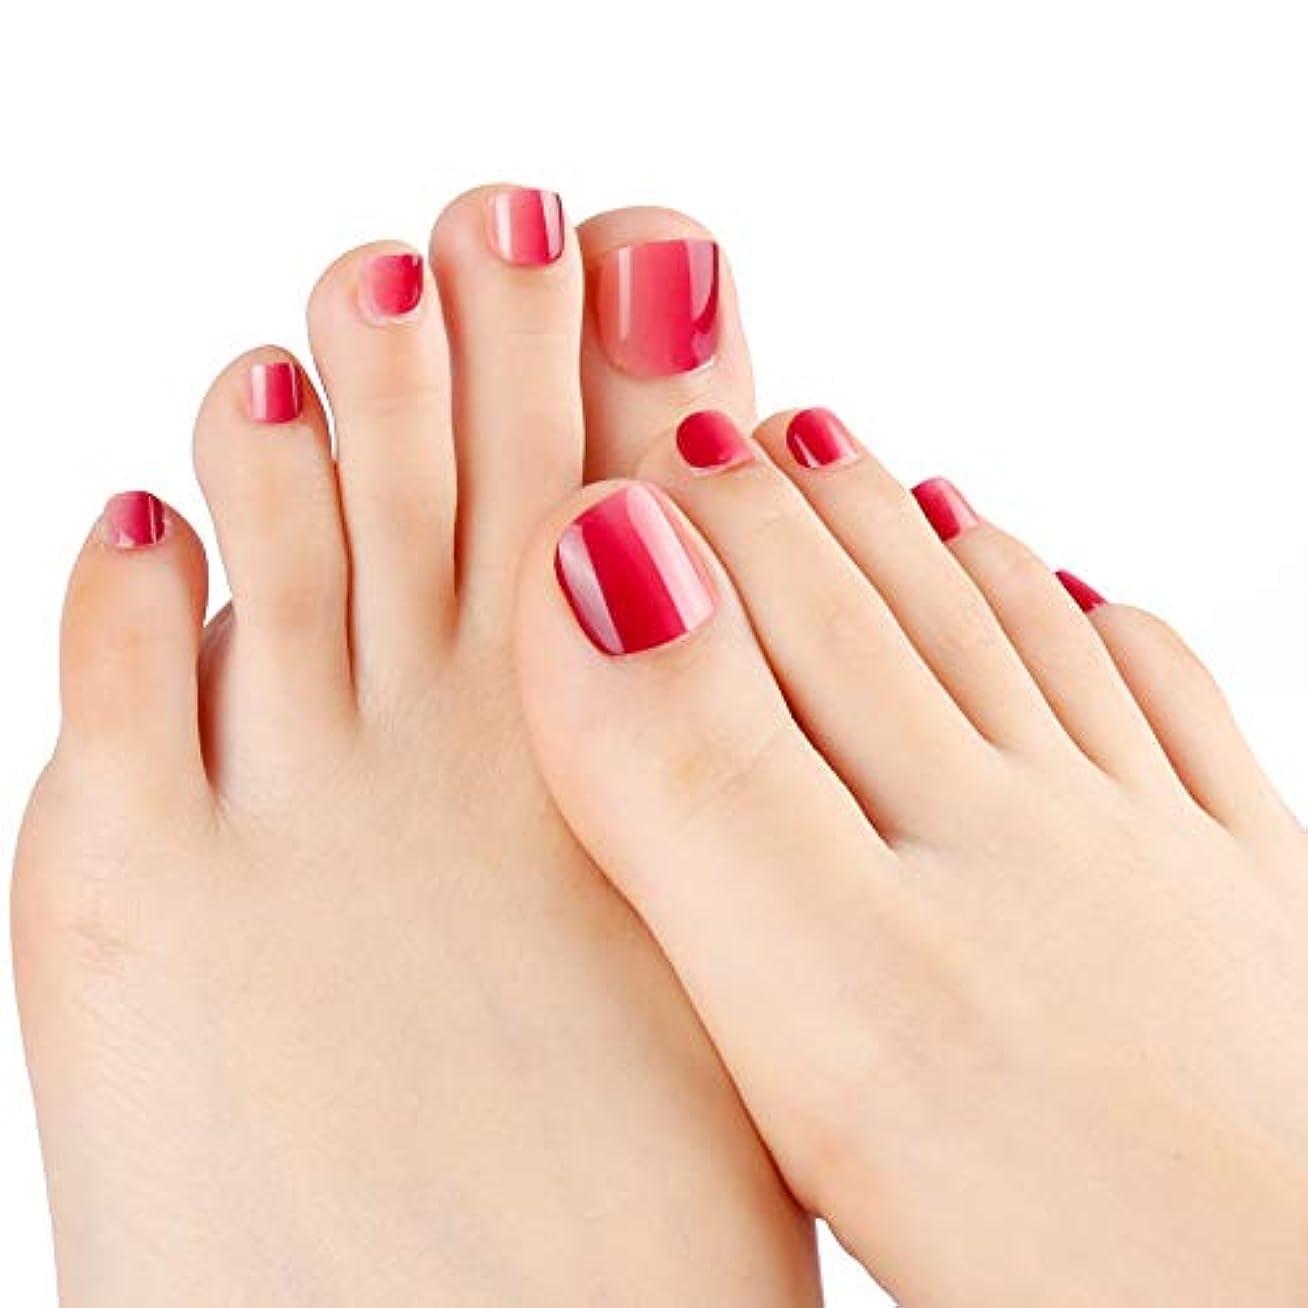 ネイルチップ 24枚 12別サイズ つや 足の爪 ピンク グラデーション 短い 四角形 フルカバー